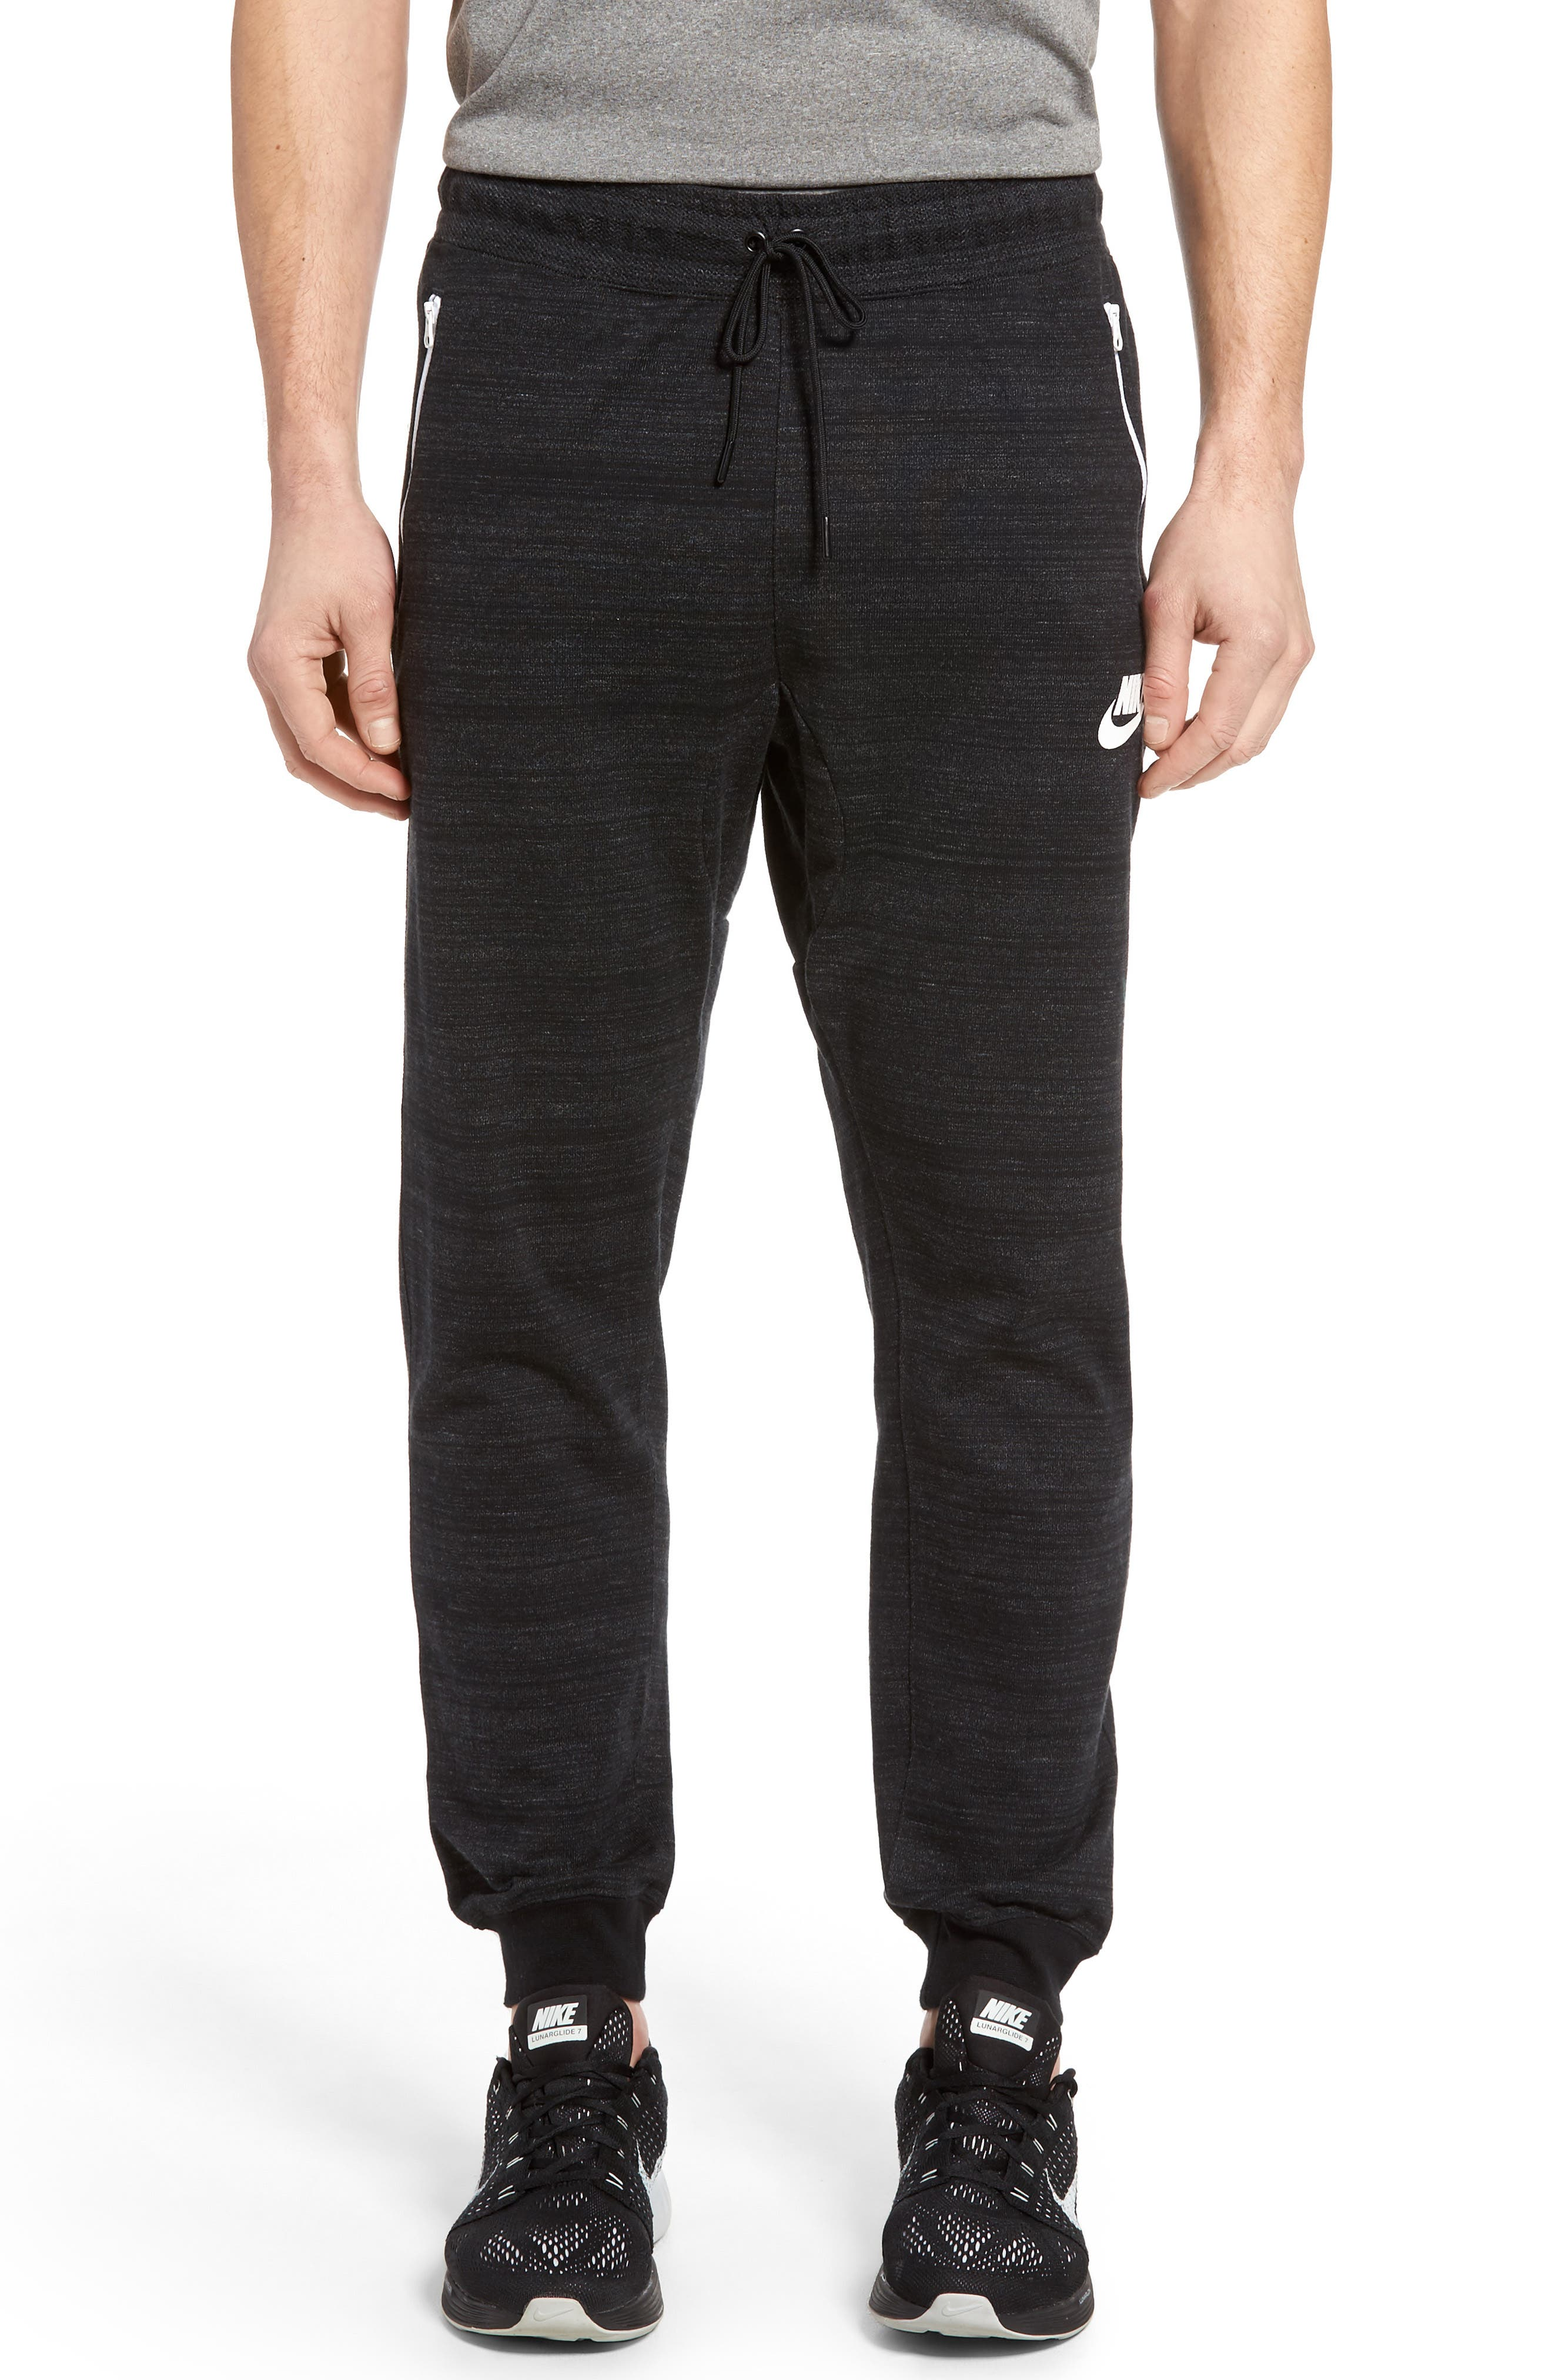 Advance 15 Pants,                         Main,                         color,